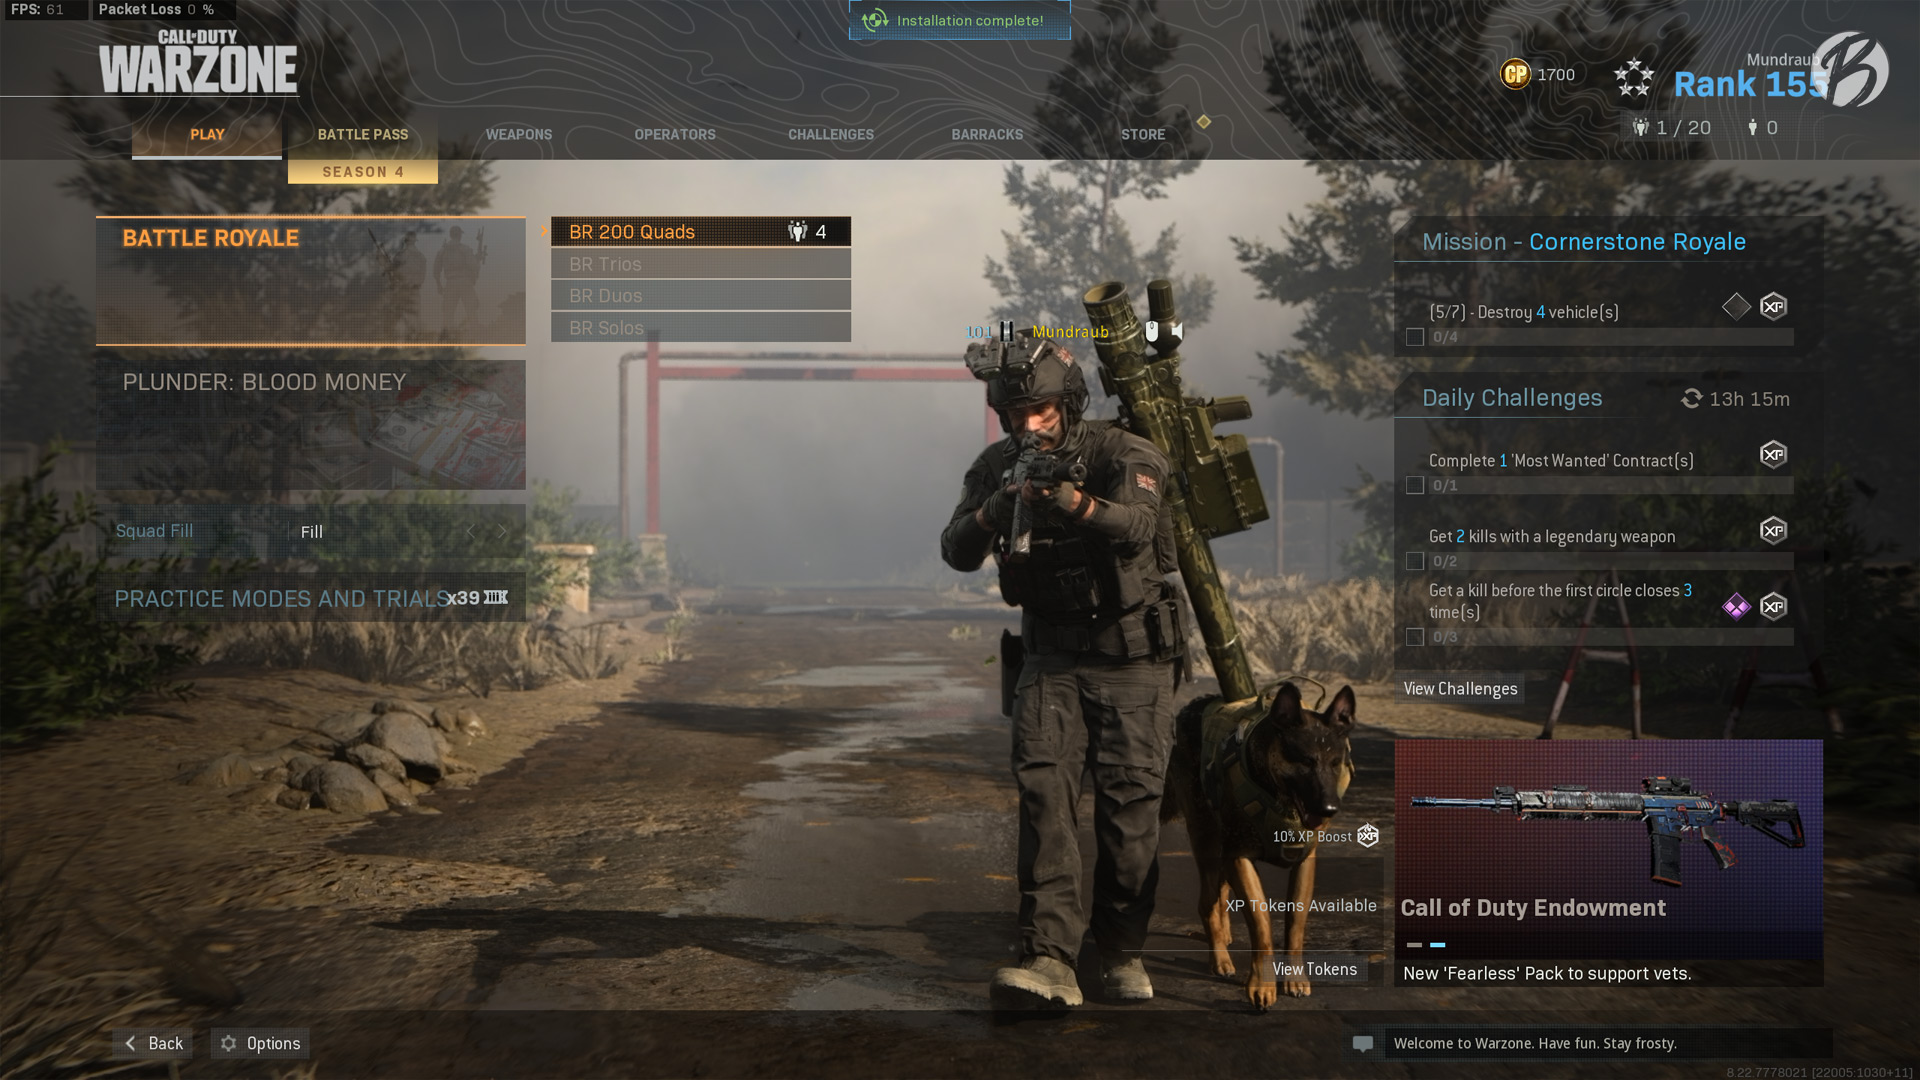 Call of Duty: Modern Warzone - Über dieses Battle-Royale-Menü gelangt Ihr in den neuen Spielmodus.